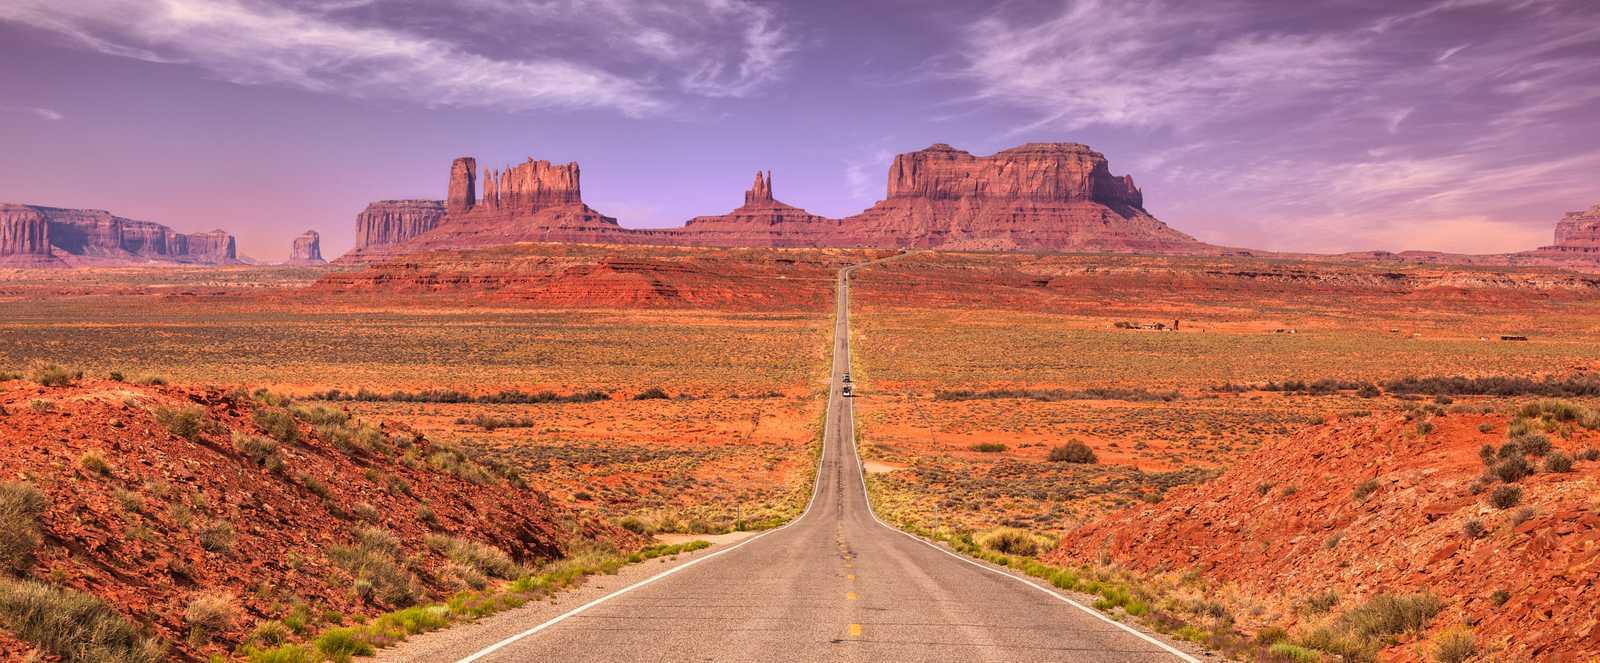 Das Monument Valley in Utah